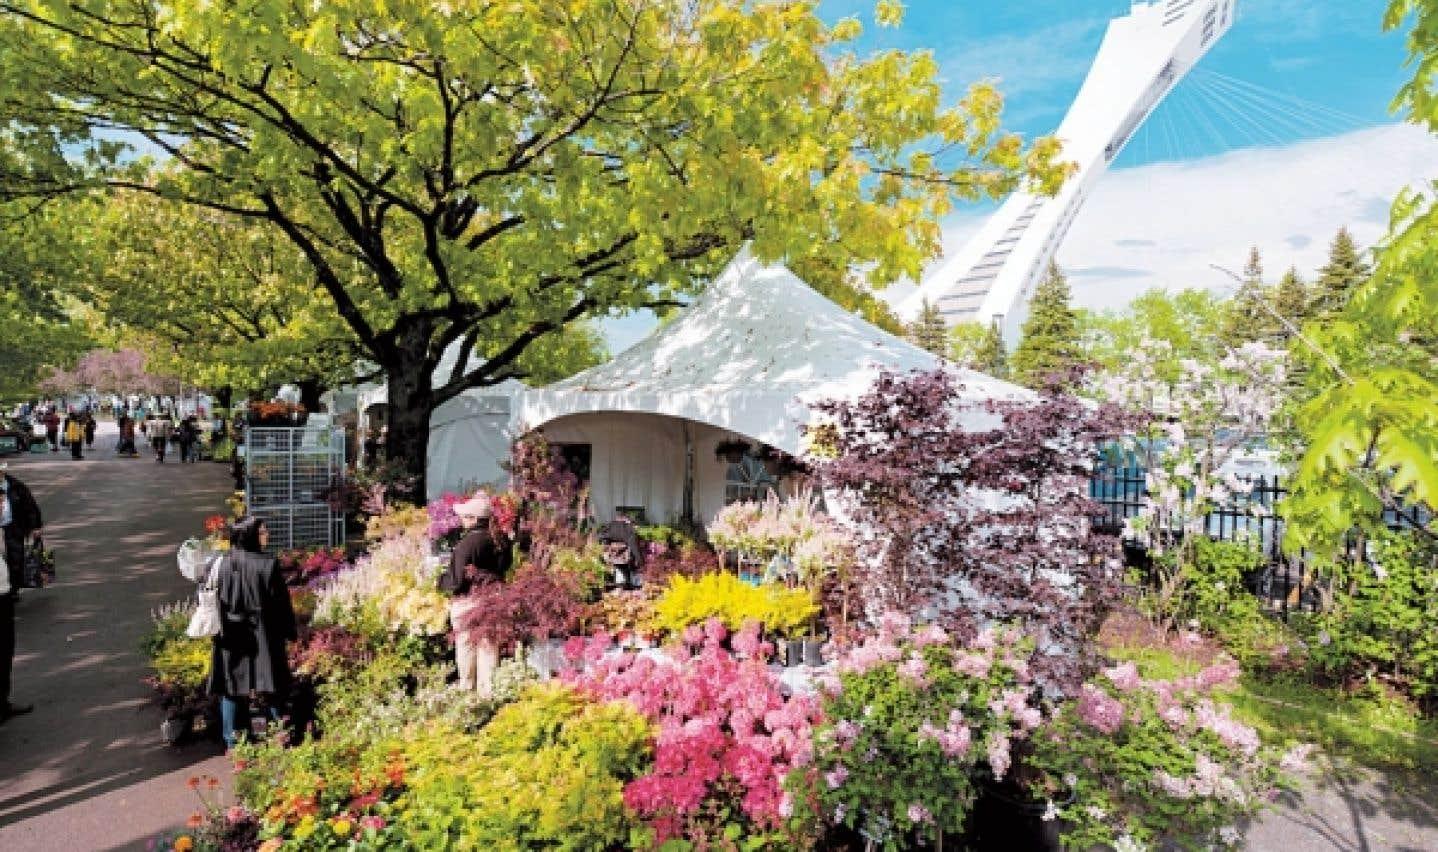 Le Rendez-vous horticole du Jardin botanique est une grande foire horticole où l'on a l'occasion de découvrir, de s'informer et d'échanger.